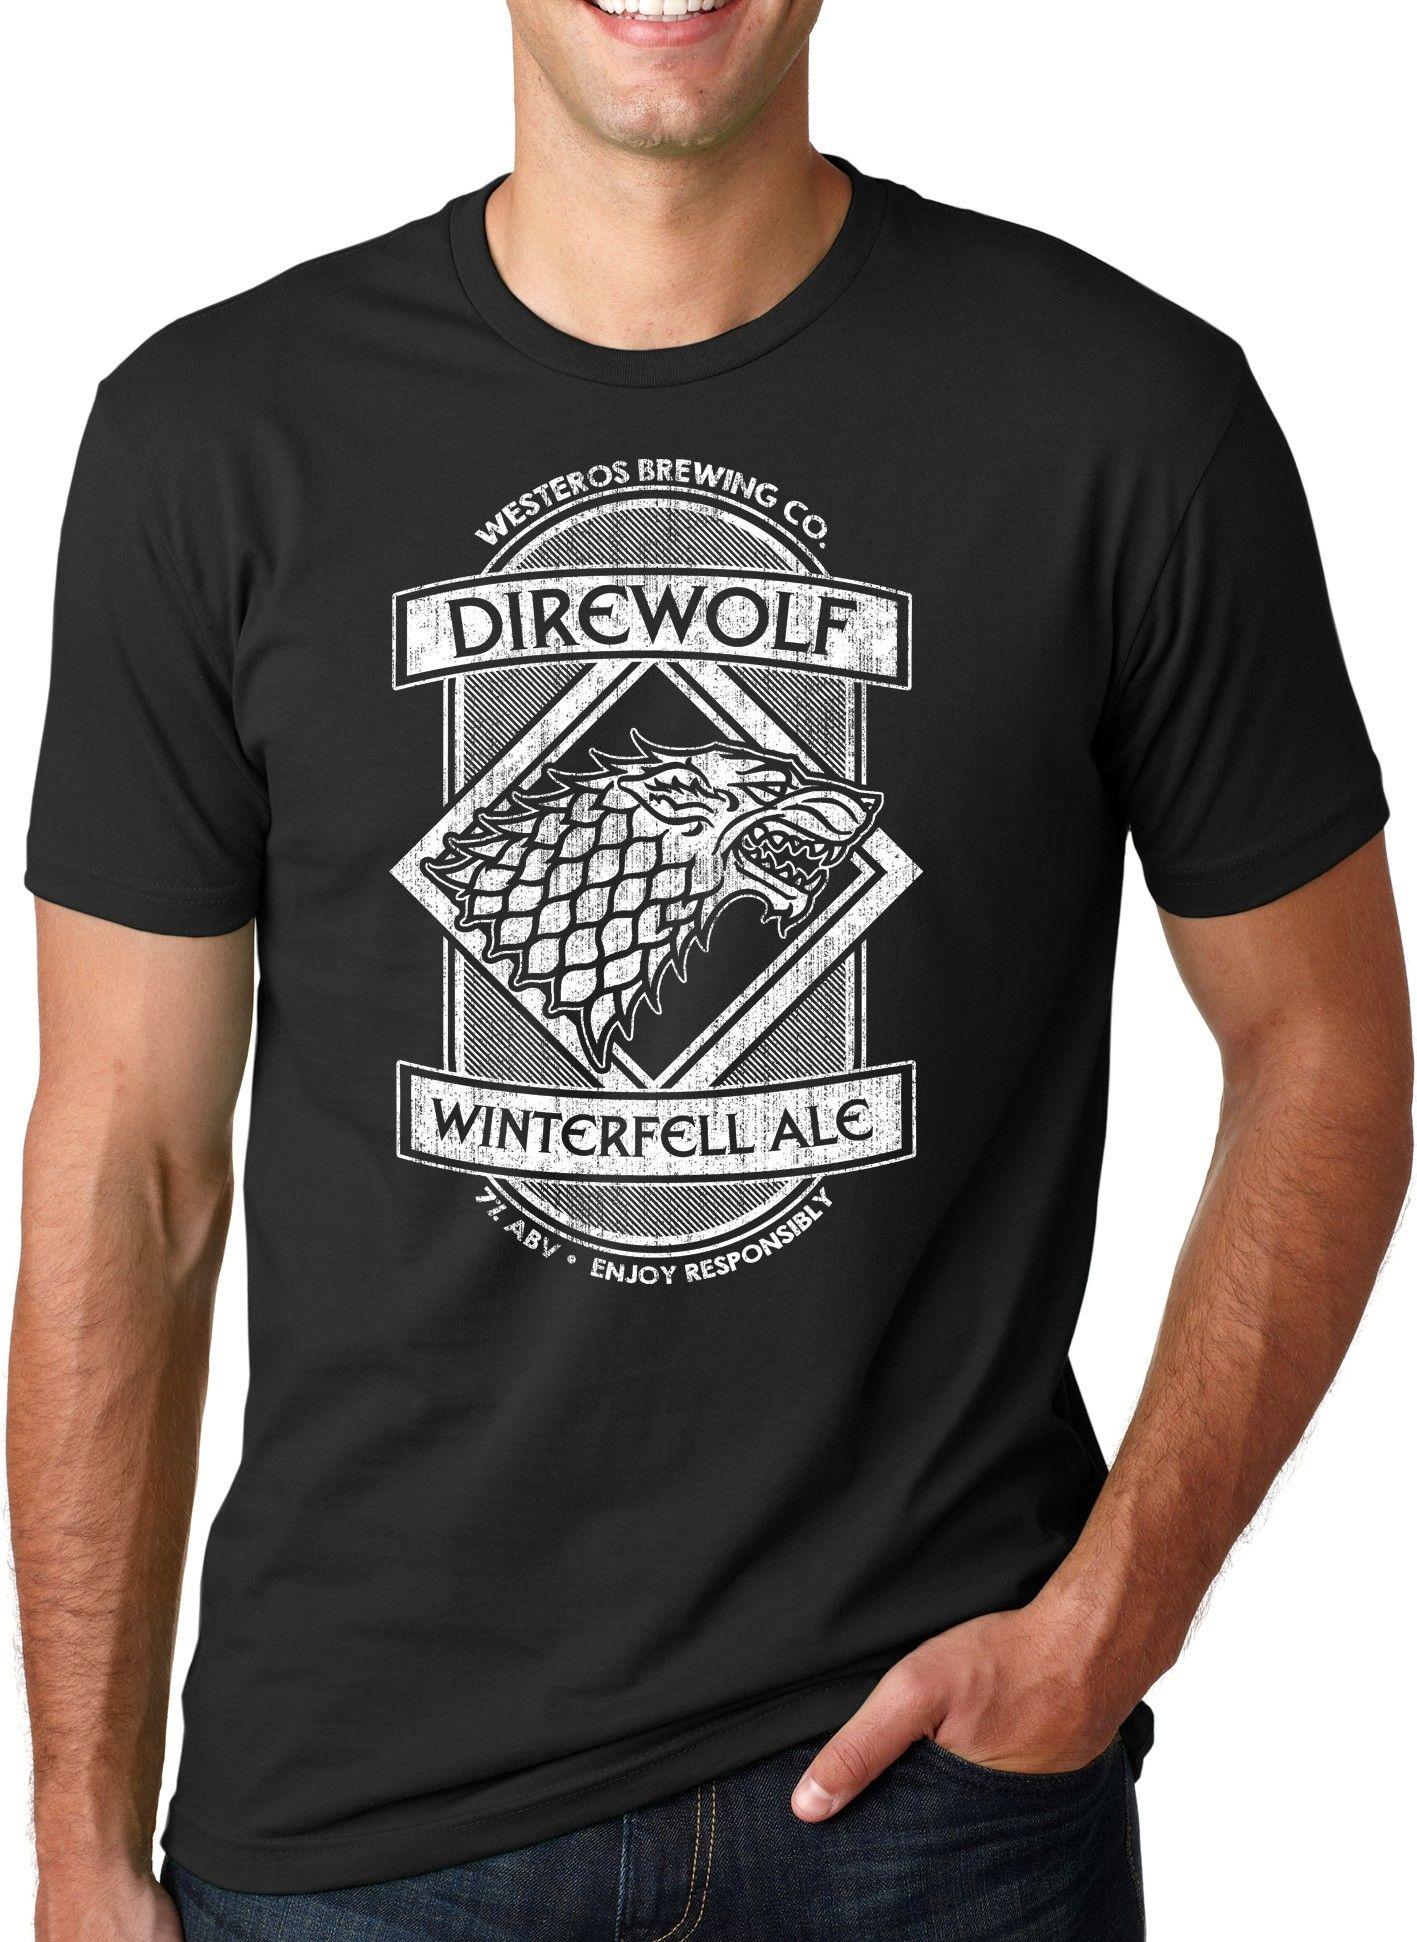 7cf8a65c Westeros Brewing Company Direwolf Ale shirt   Winterfell t shirt ...